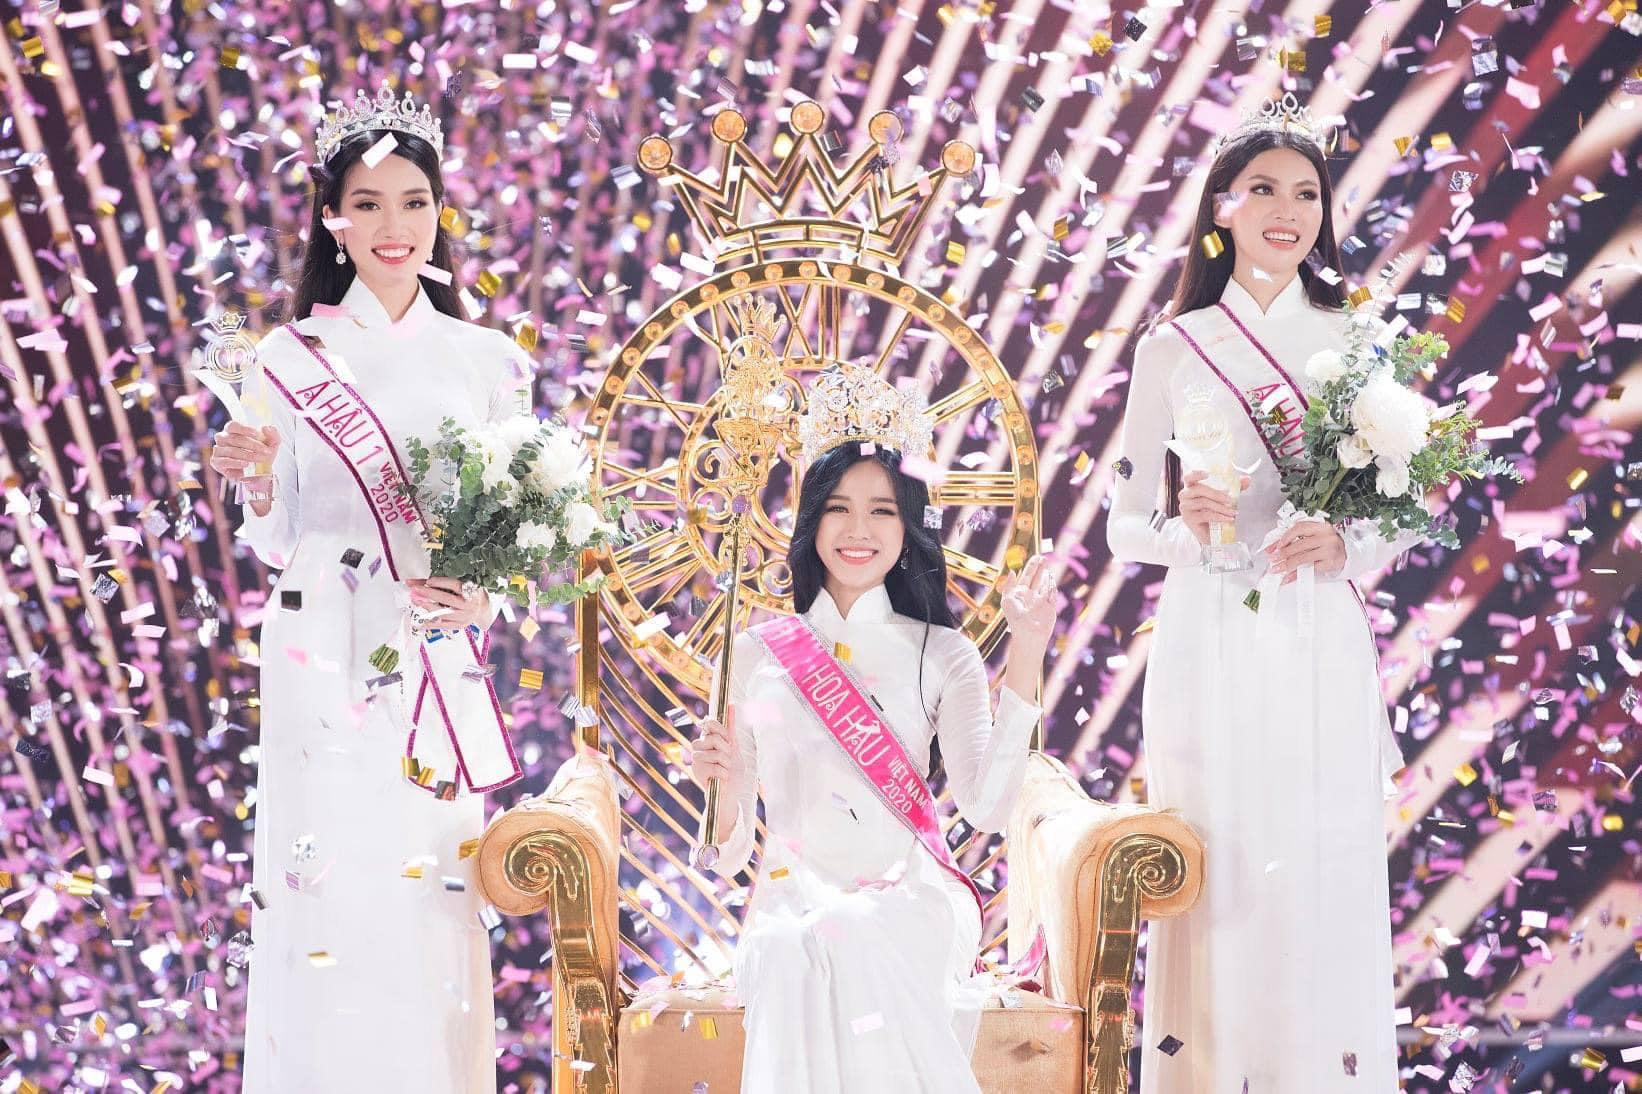 Những khoảnh khắc tỏa sáng của top 3 Hoa hậu Việt Nam cùng thời trang NEVA - Ảnh 6.